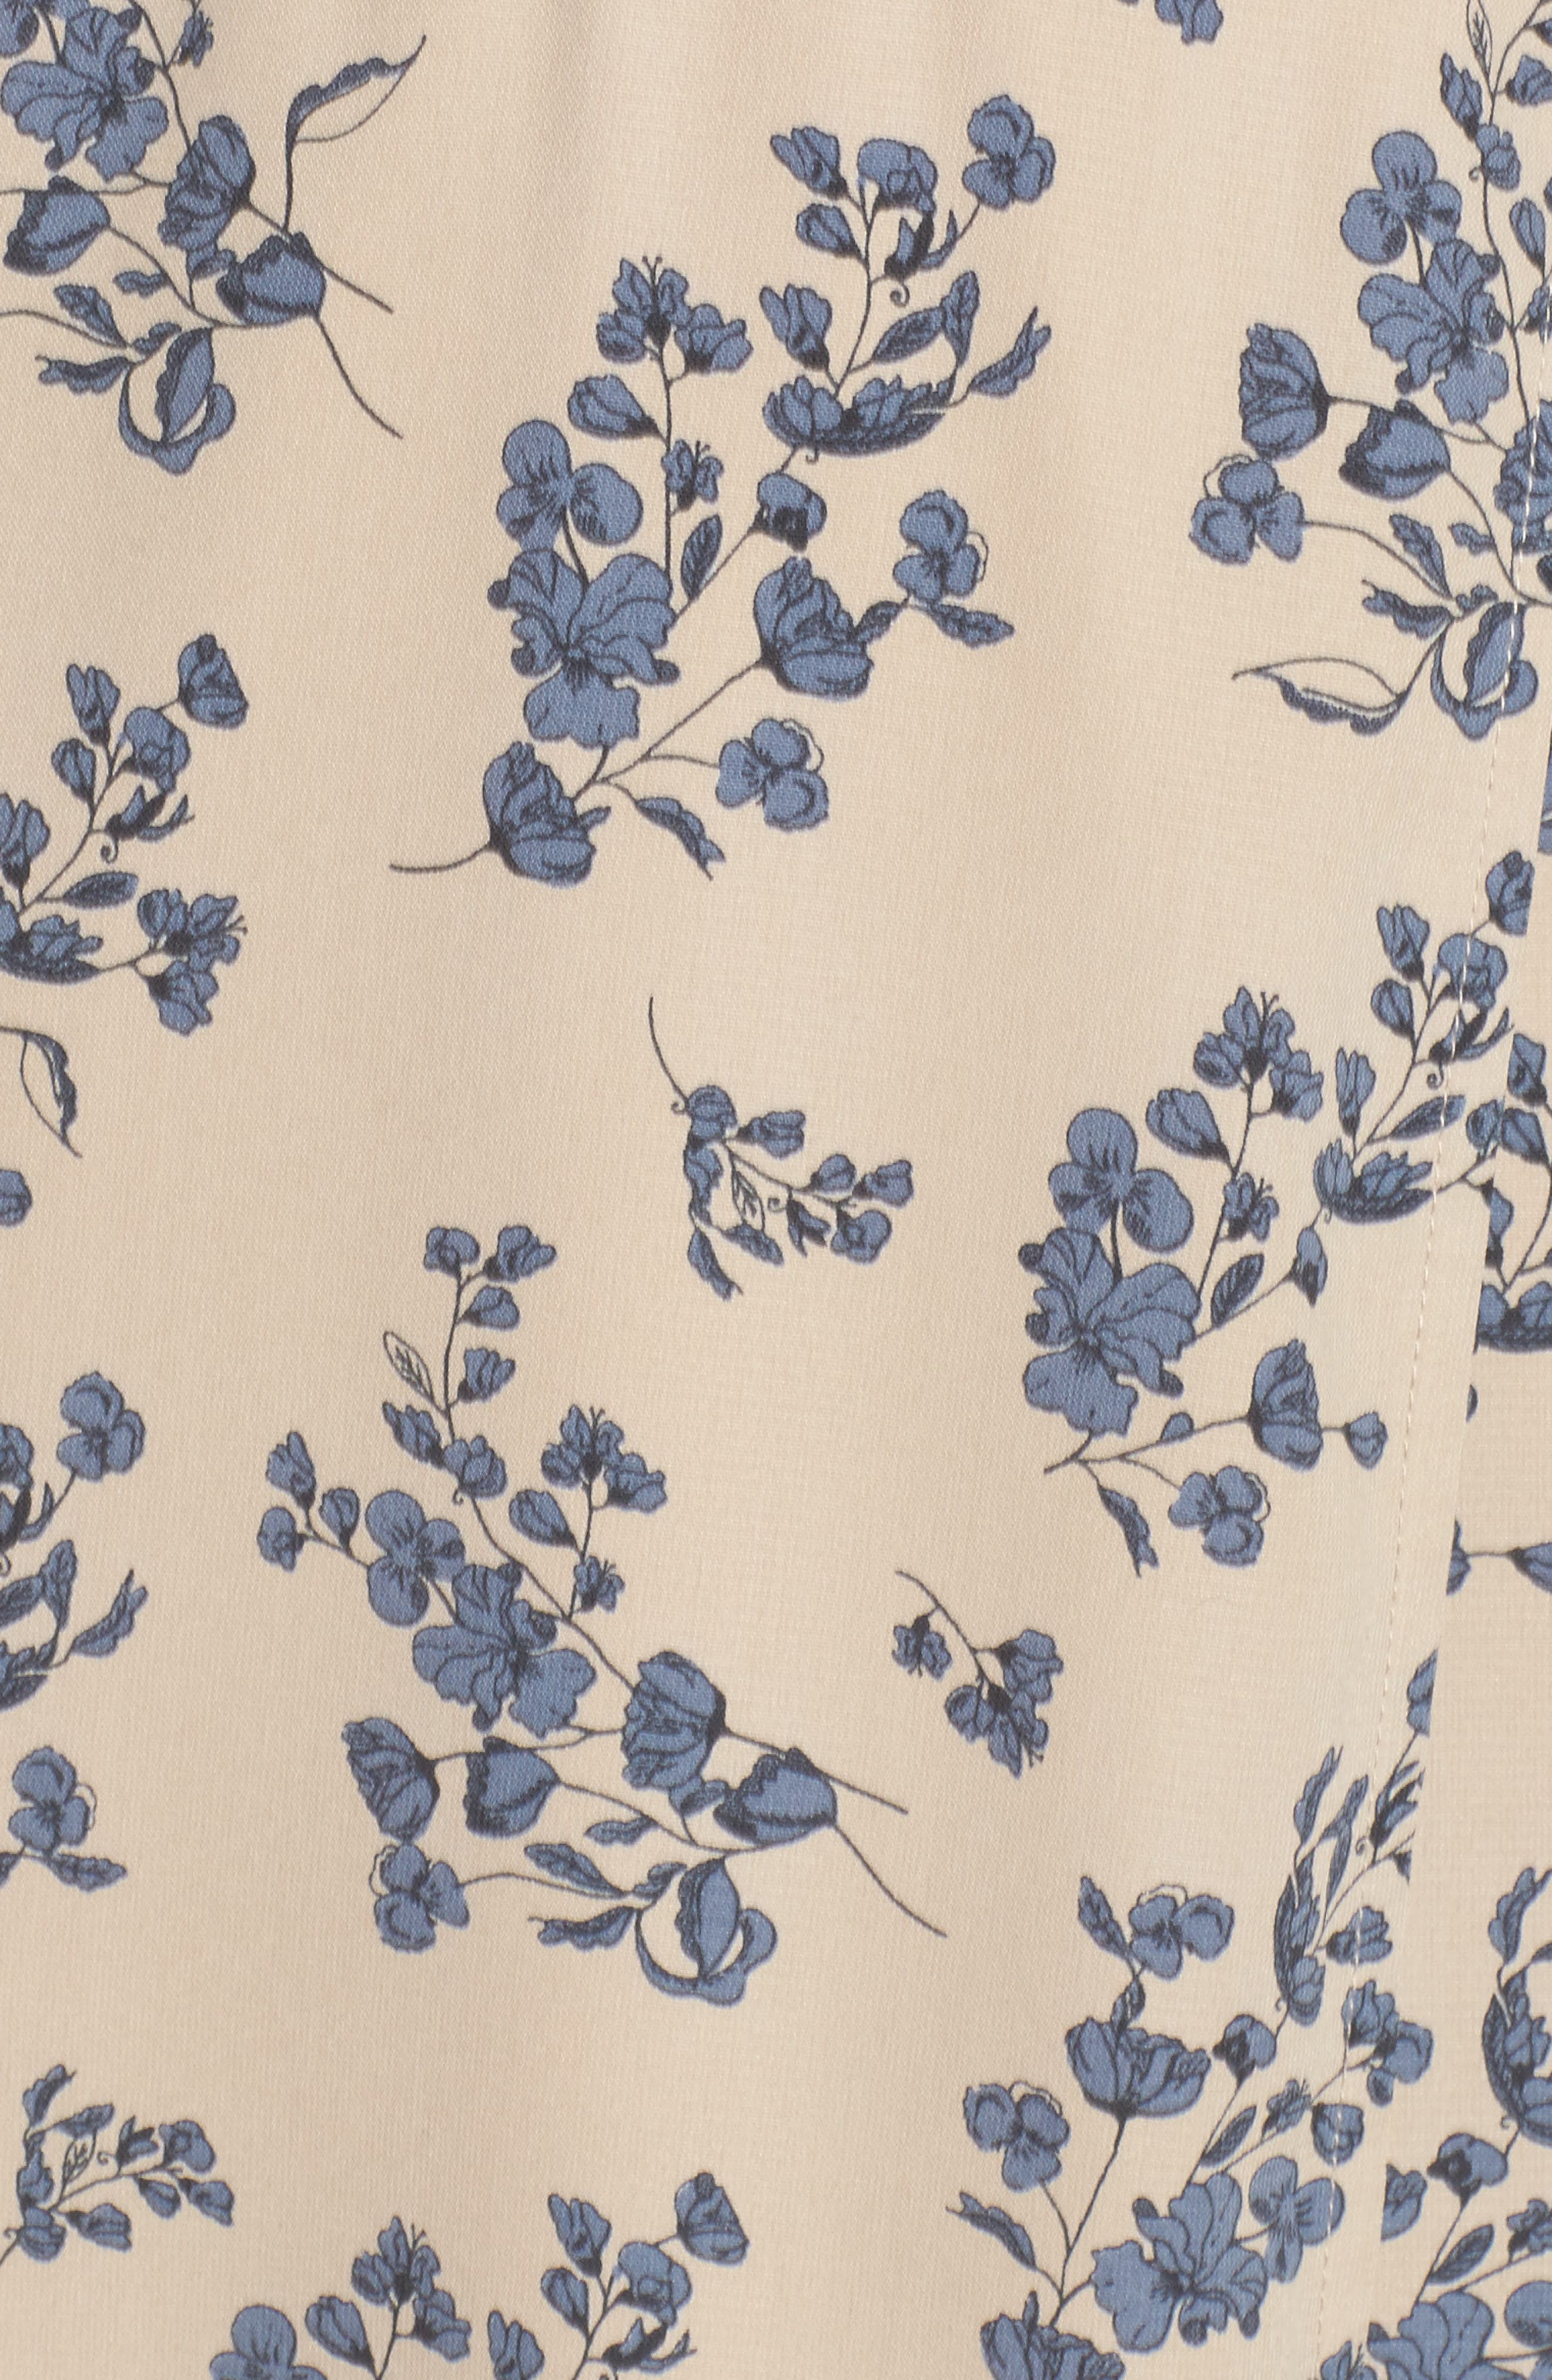 Floral Print Wrap Dress,                             Alternate thumbnail 5, color,                             Taupe Floral